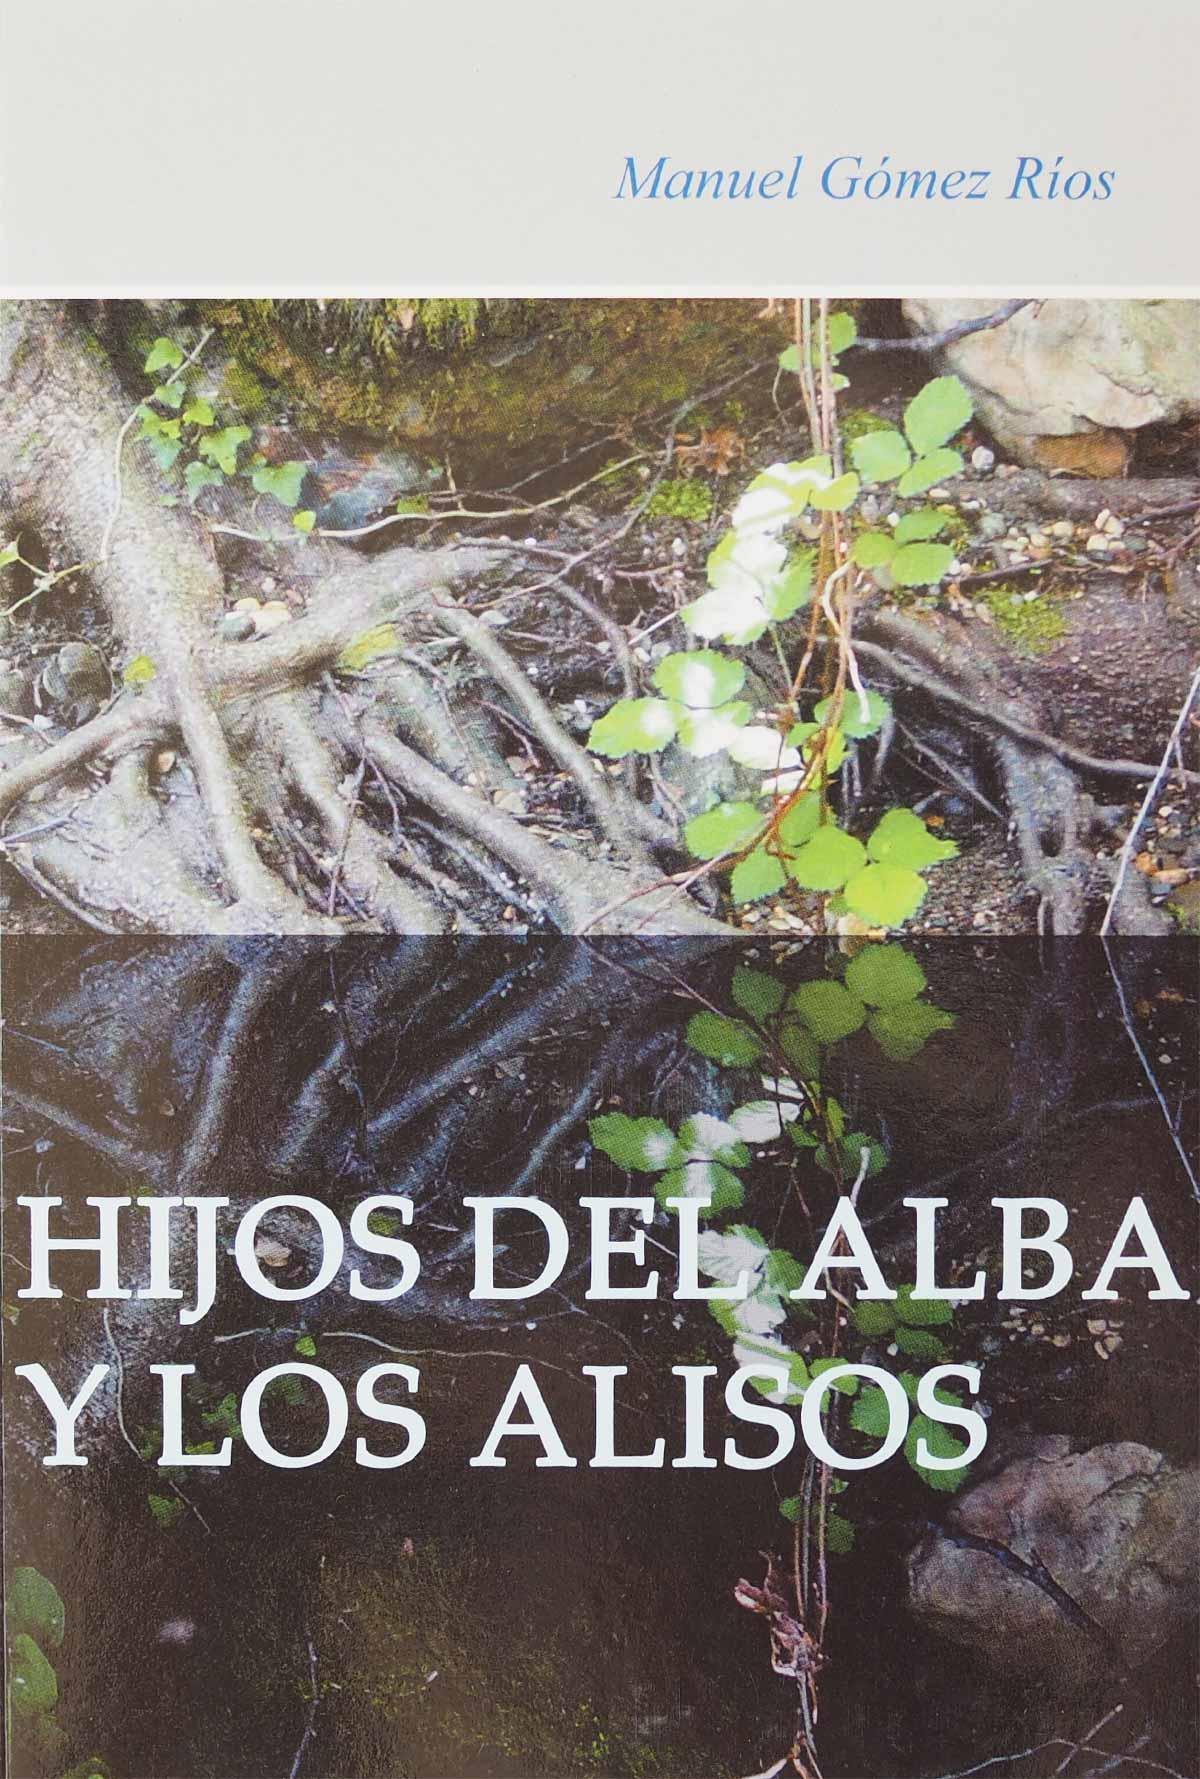 hijos-alba-alisos-manuel-gomez-rios-editorial-semuret